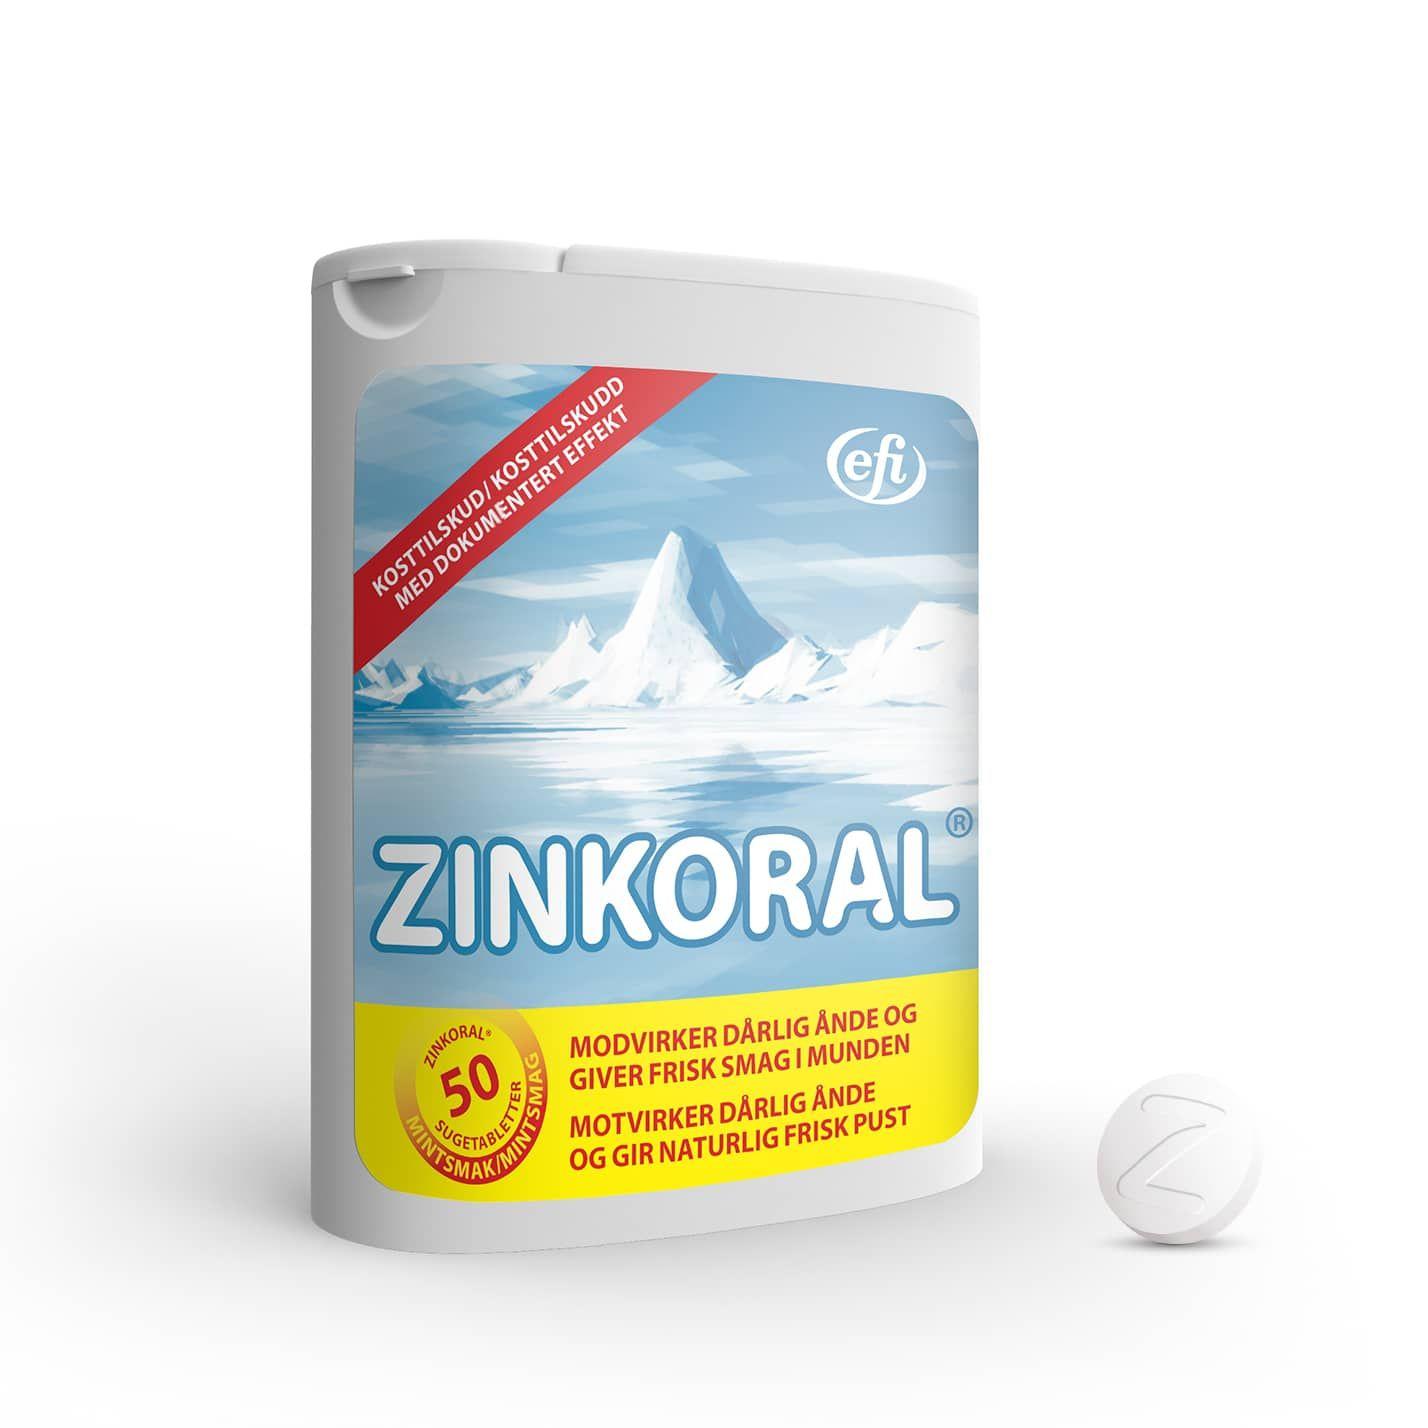 https://www.efishop.no/Web-Shop/Produkter/Kosttilskudd/Zinkoral/p/10358/?utm_source=WEB&utm_medium=VG&utm_content=W-00006312&utm_campaign=20210201_WEB_VG_W-00006312&o=W-00006312 KJØP HER: Klikk på bildet for å bestille Zinkoral i dag.